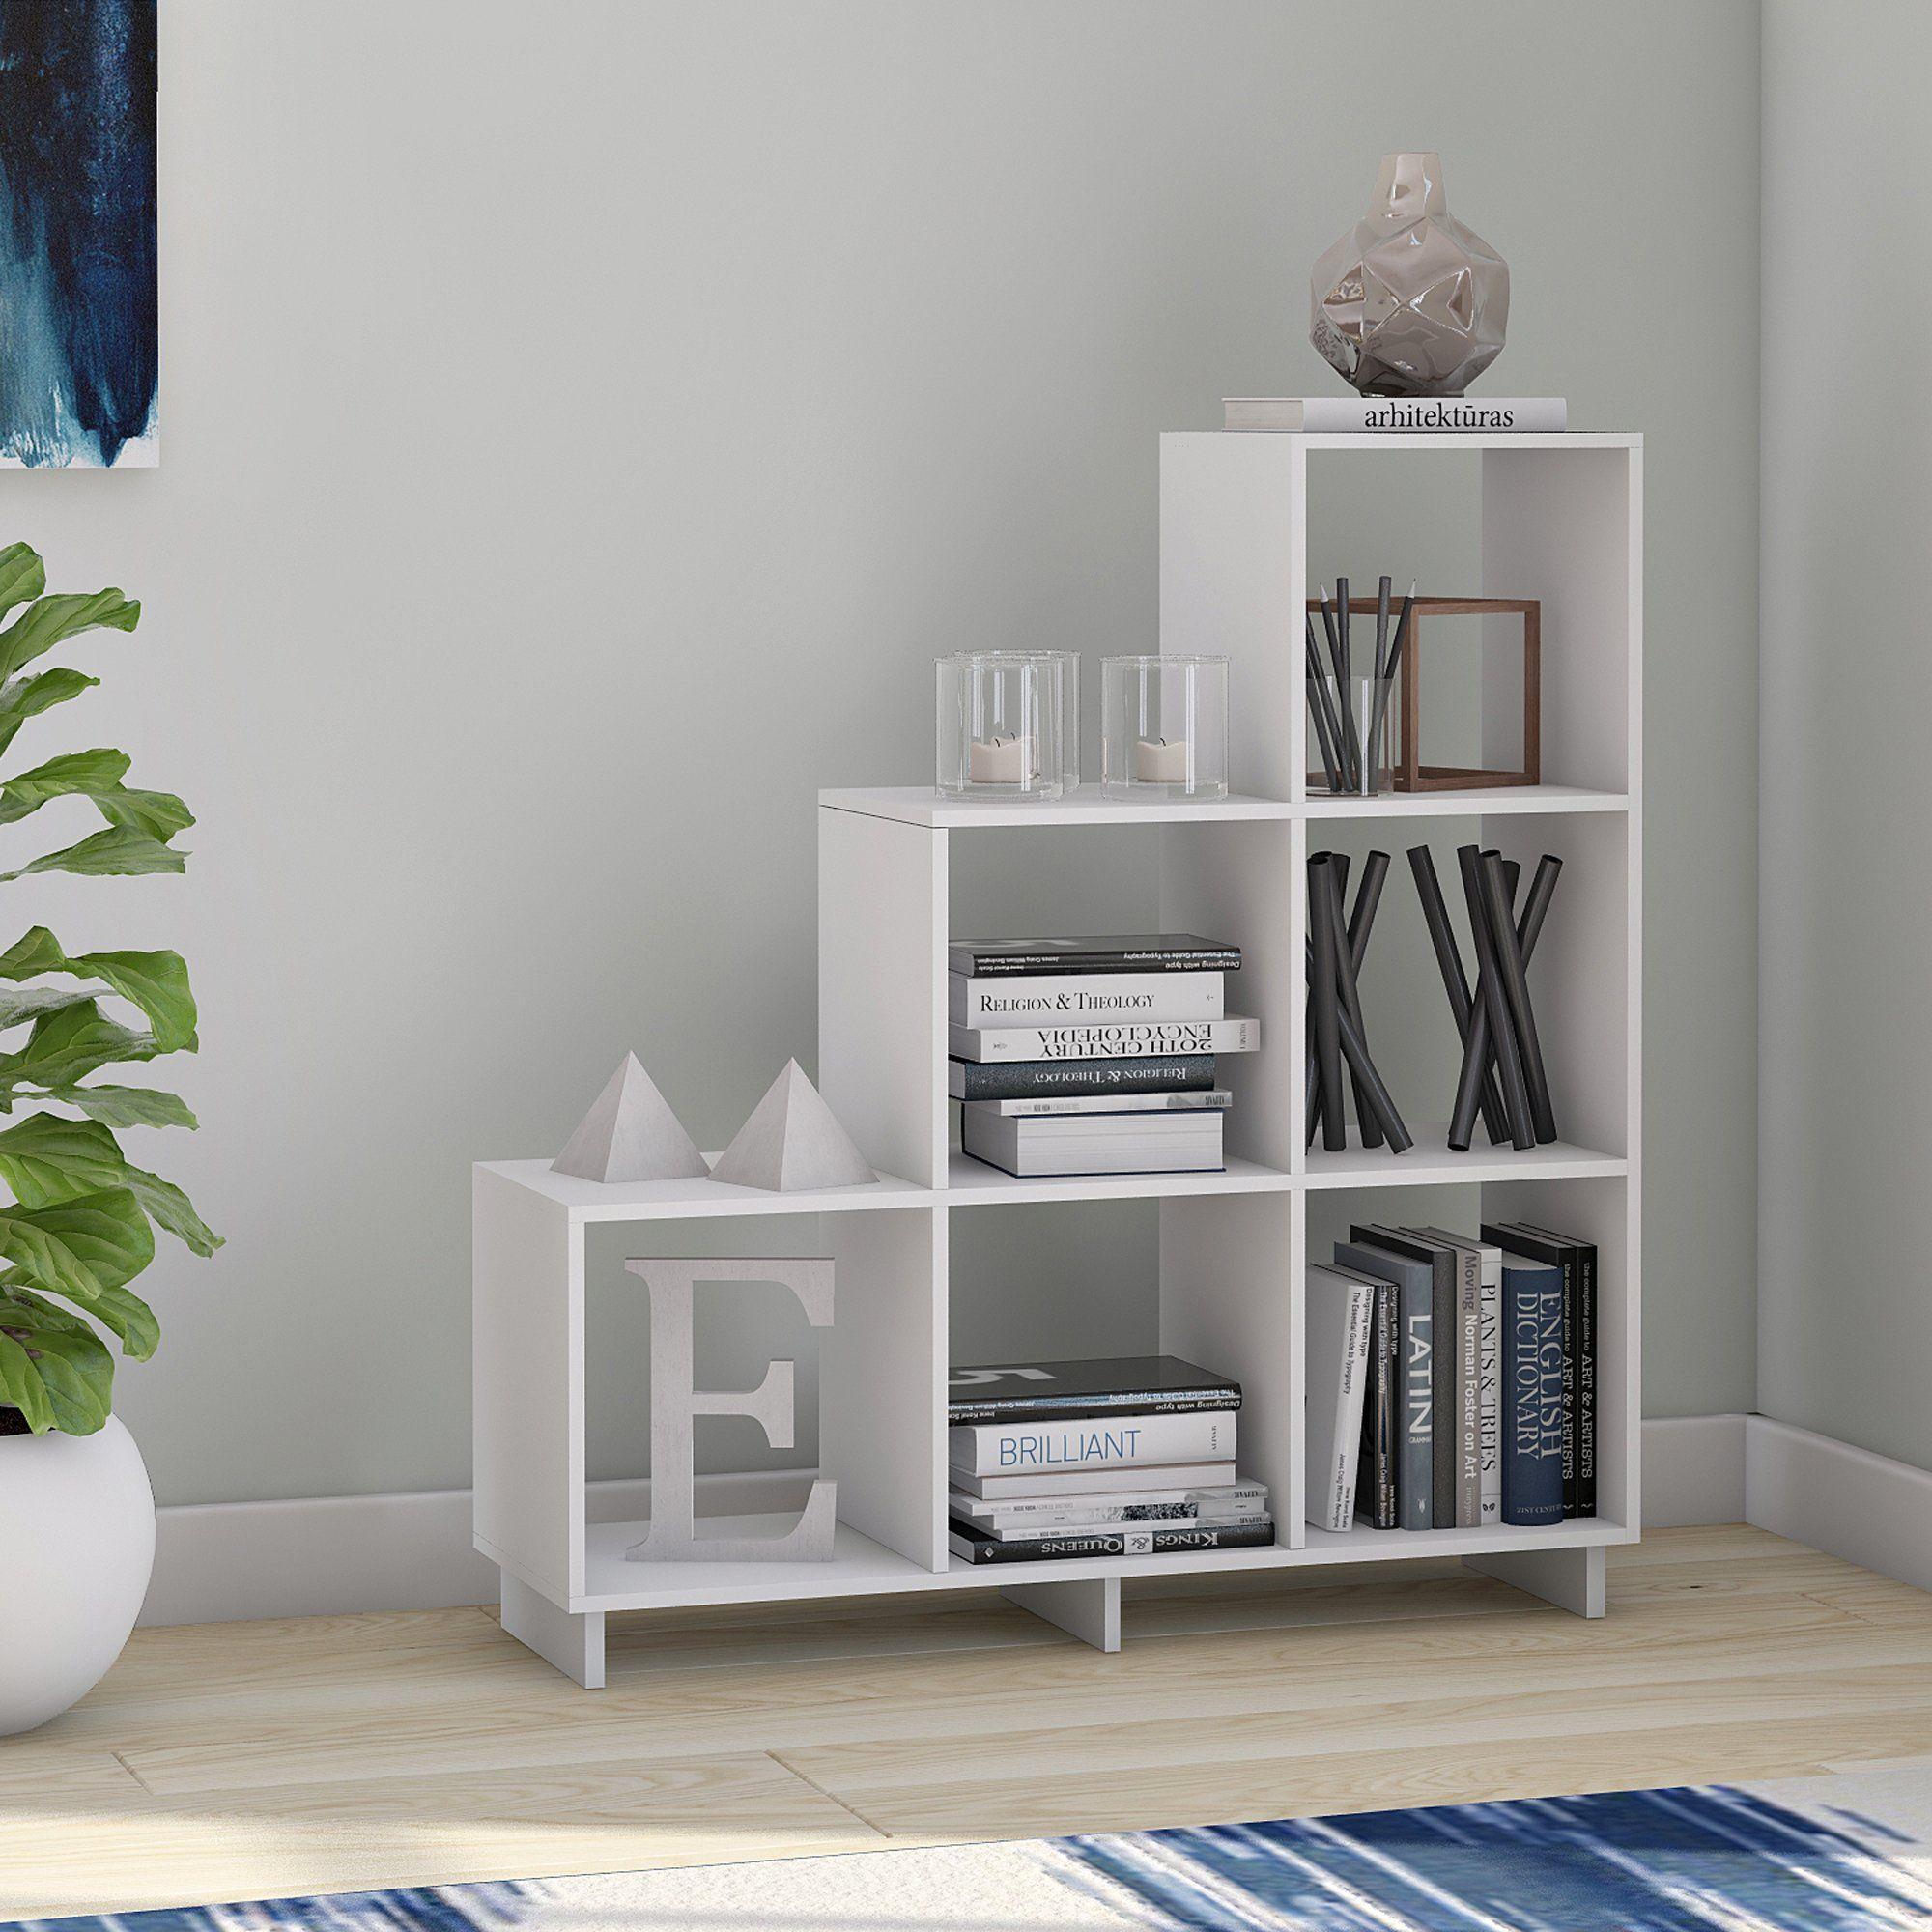 Cleo Stair Cube Unit Bookcase Interiores De Armarios Cosas De Dormitorio Diseno De Escaleras